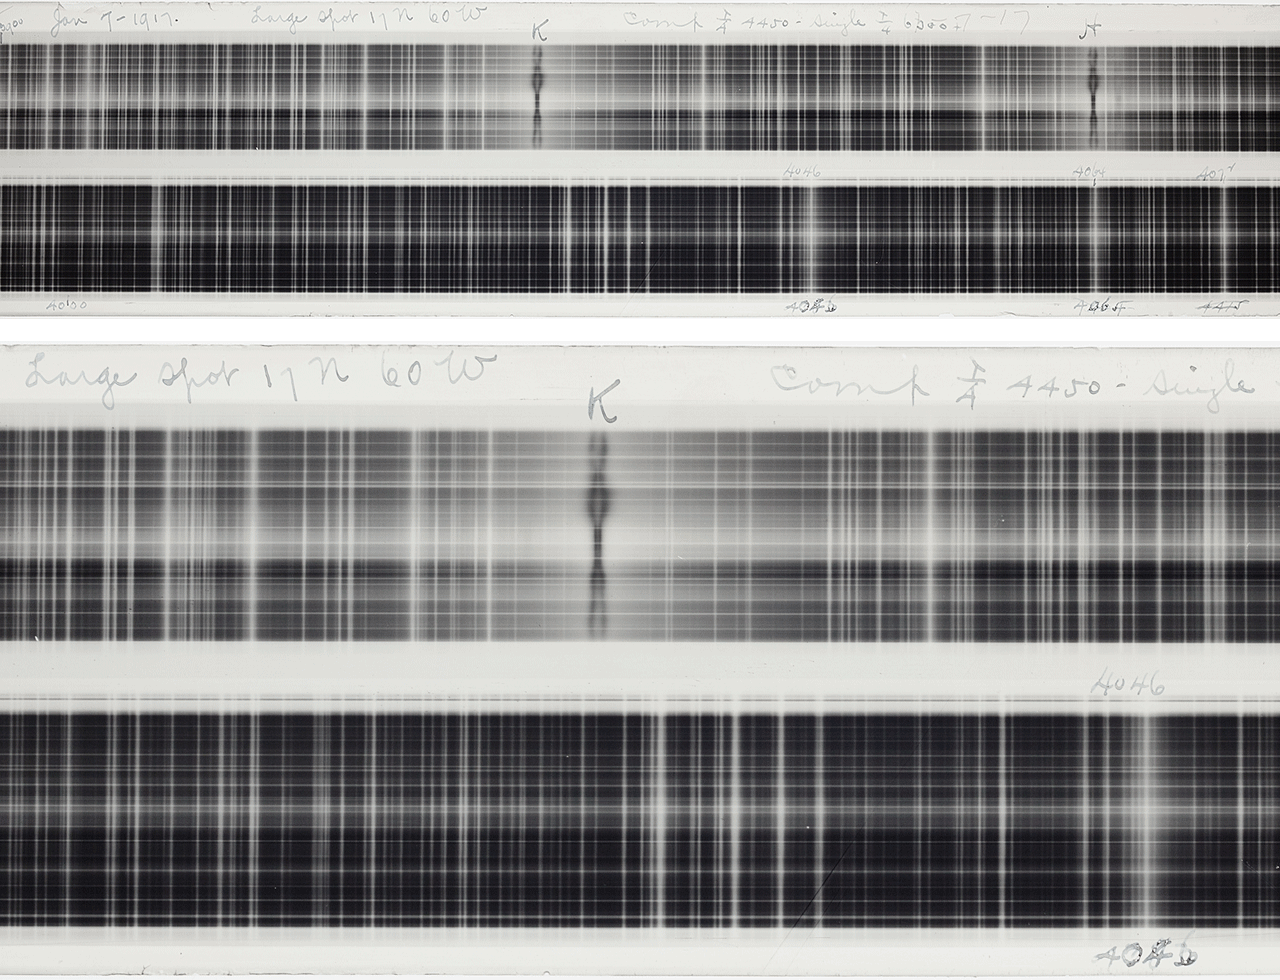 Hunt_SLIDE-3_Sunspot-Spectrum-2